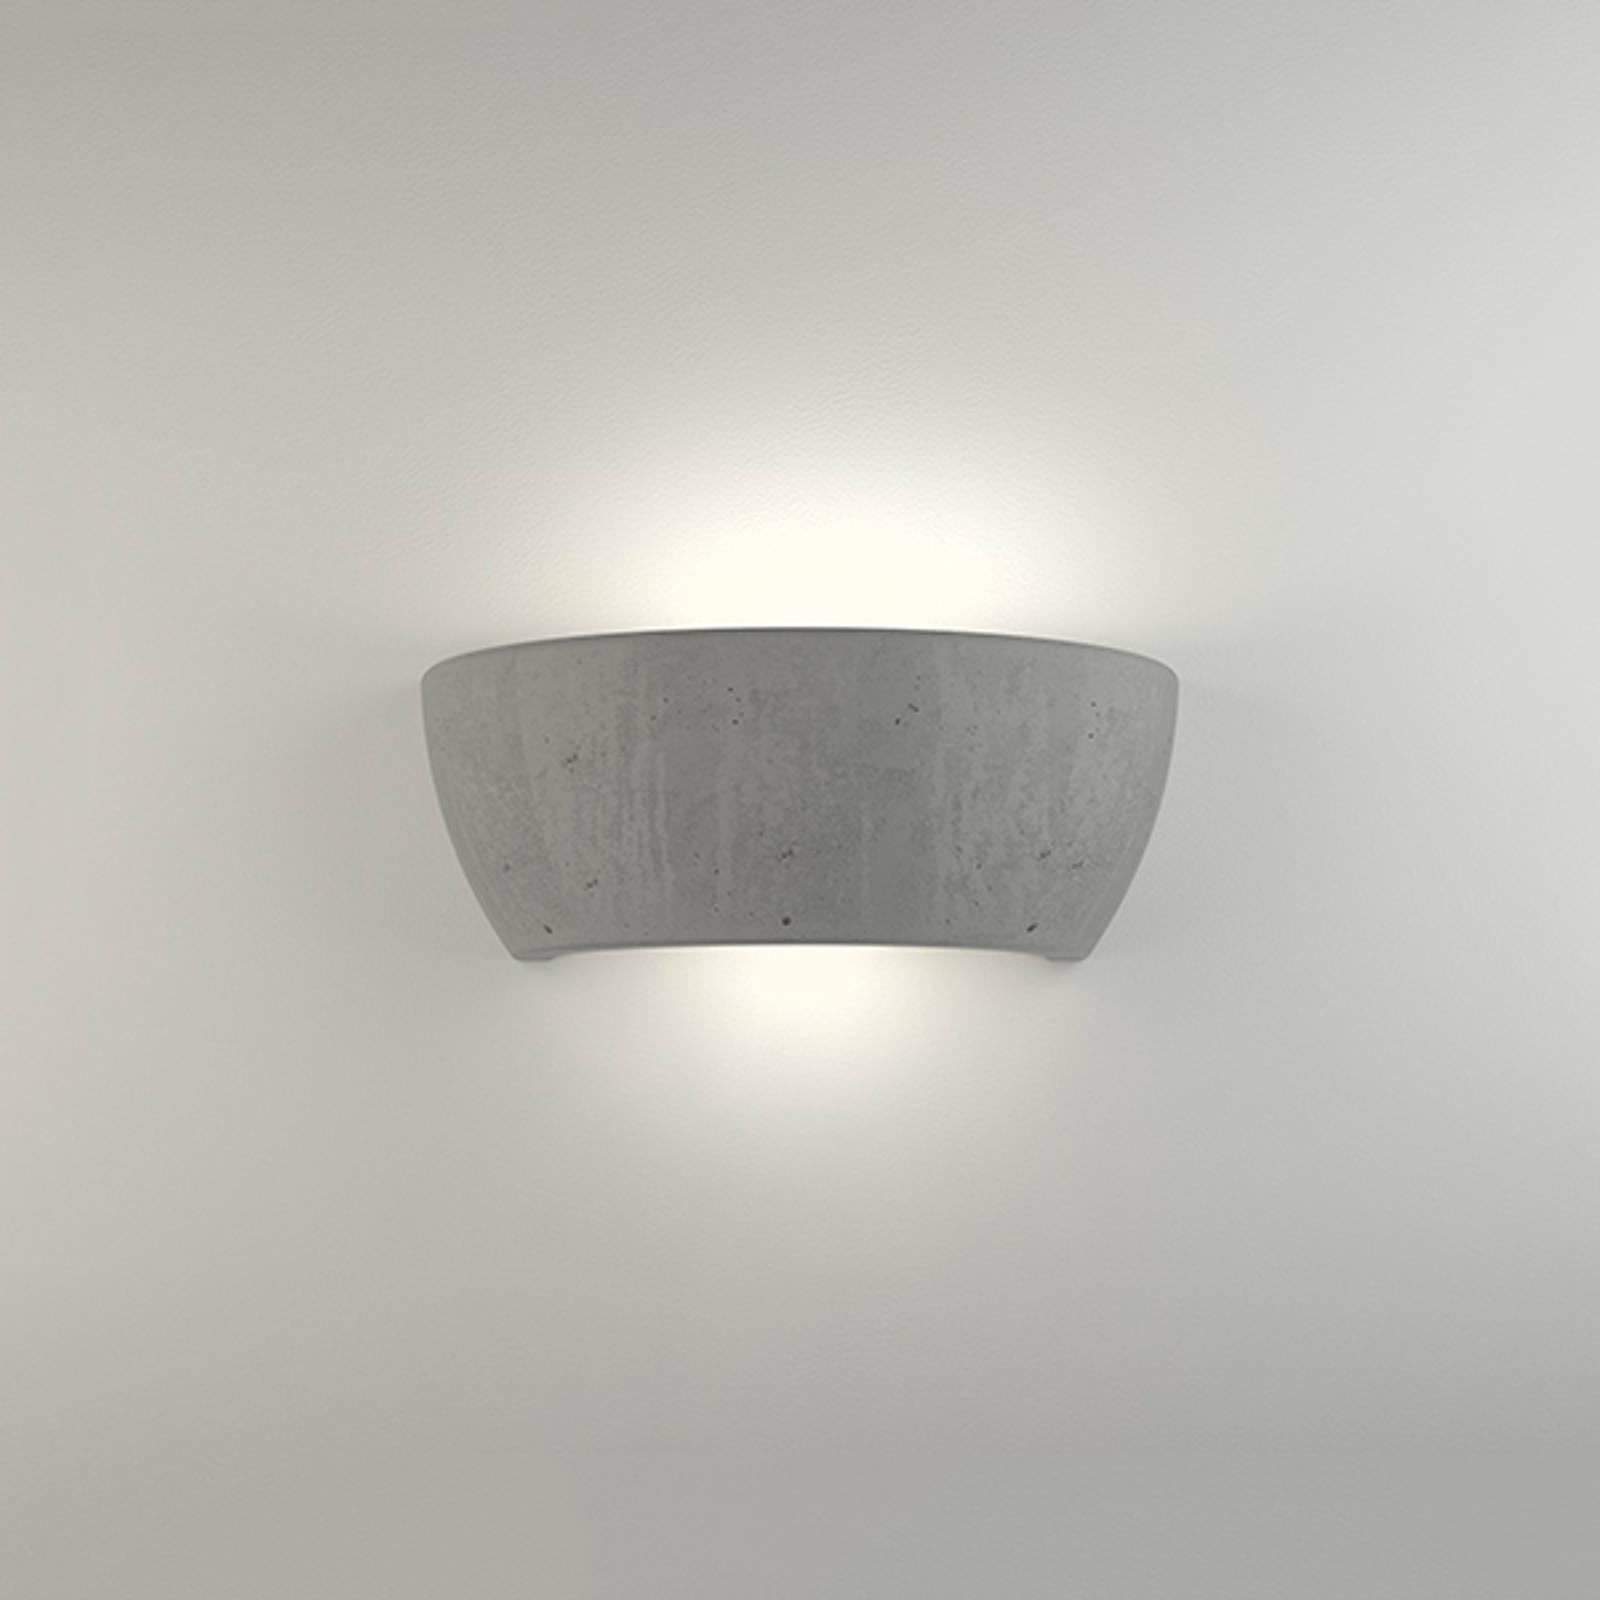 LED-Wandleuchte 2457 Beton 3.000 K nicht dimmbar